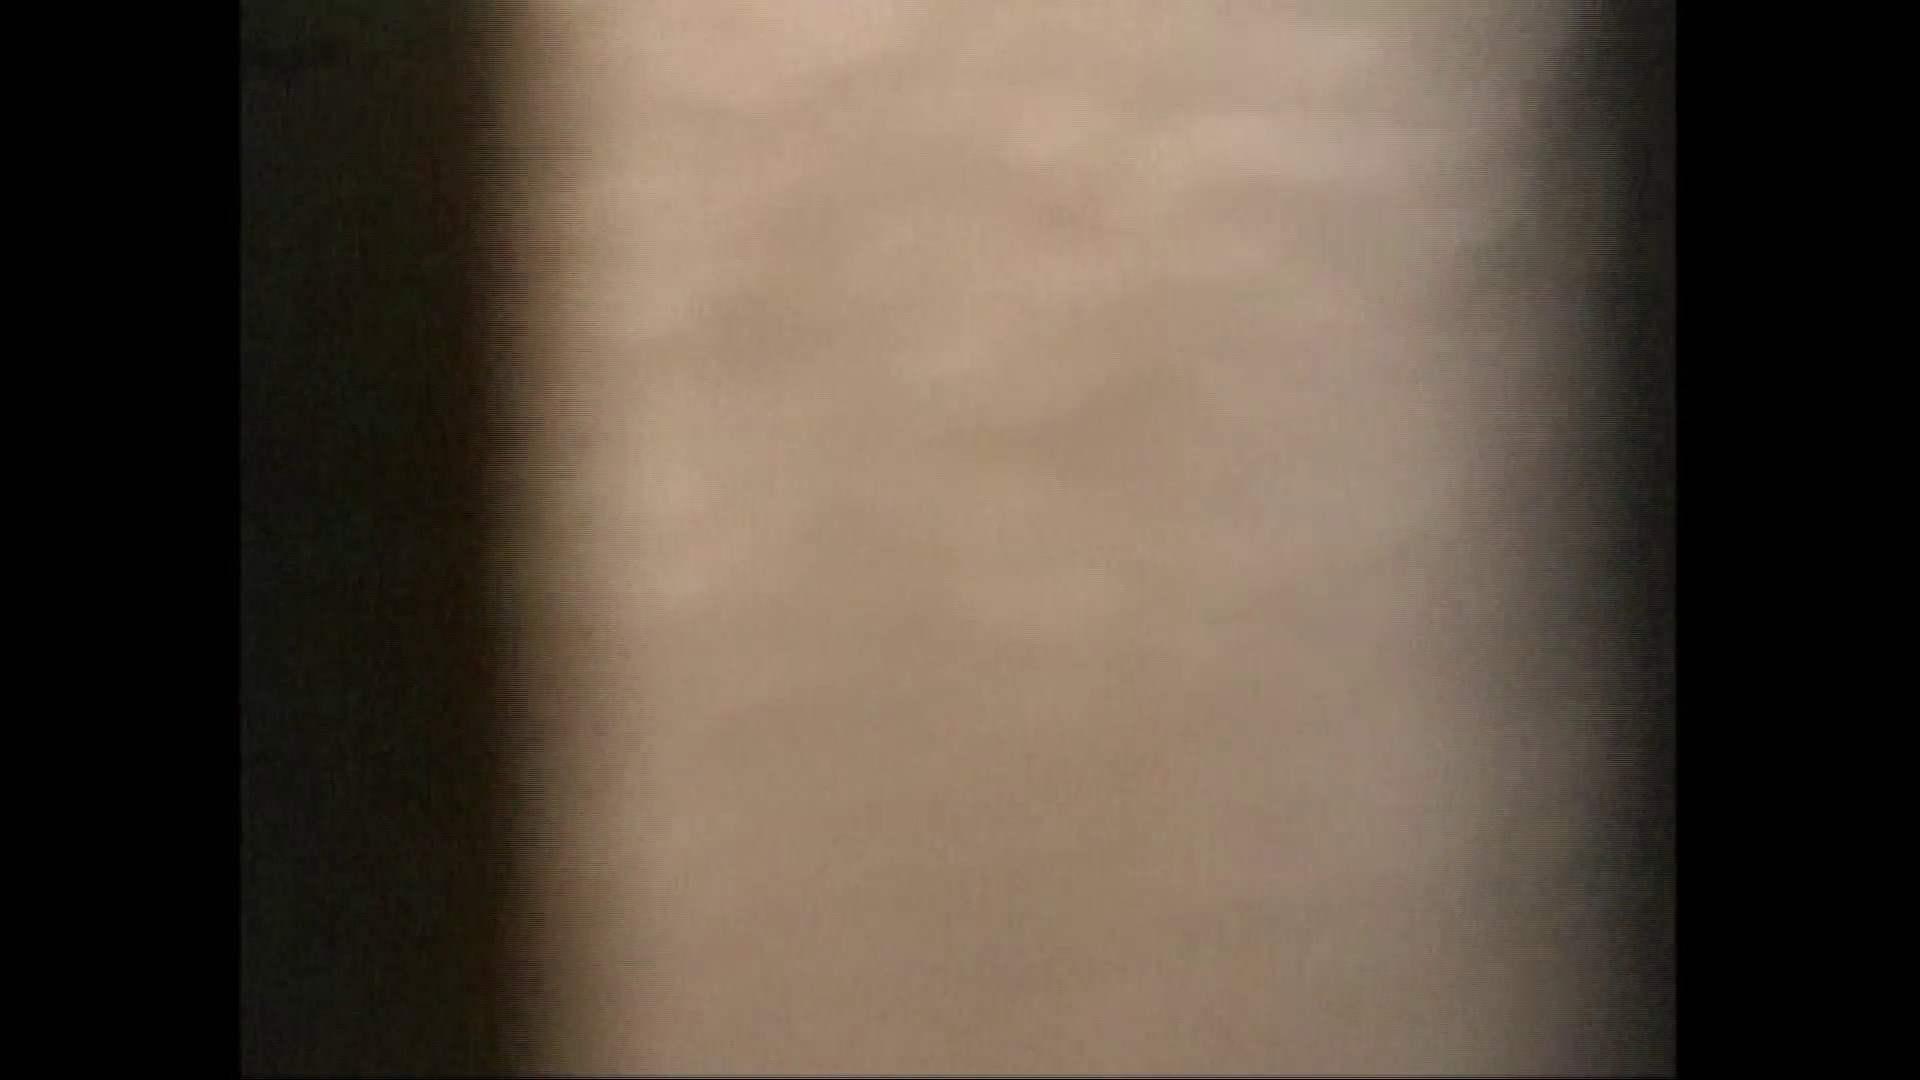 隙間からノゾク風呂 Vol.29 股をグイッとひらいて・・・。 民家 ワレメ無修正動画無料 76枚 25